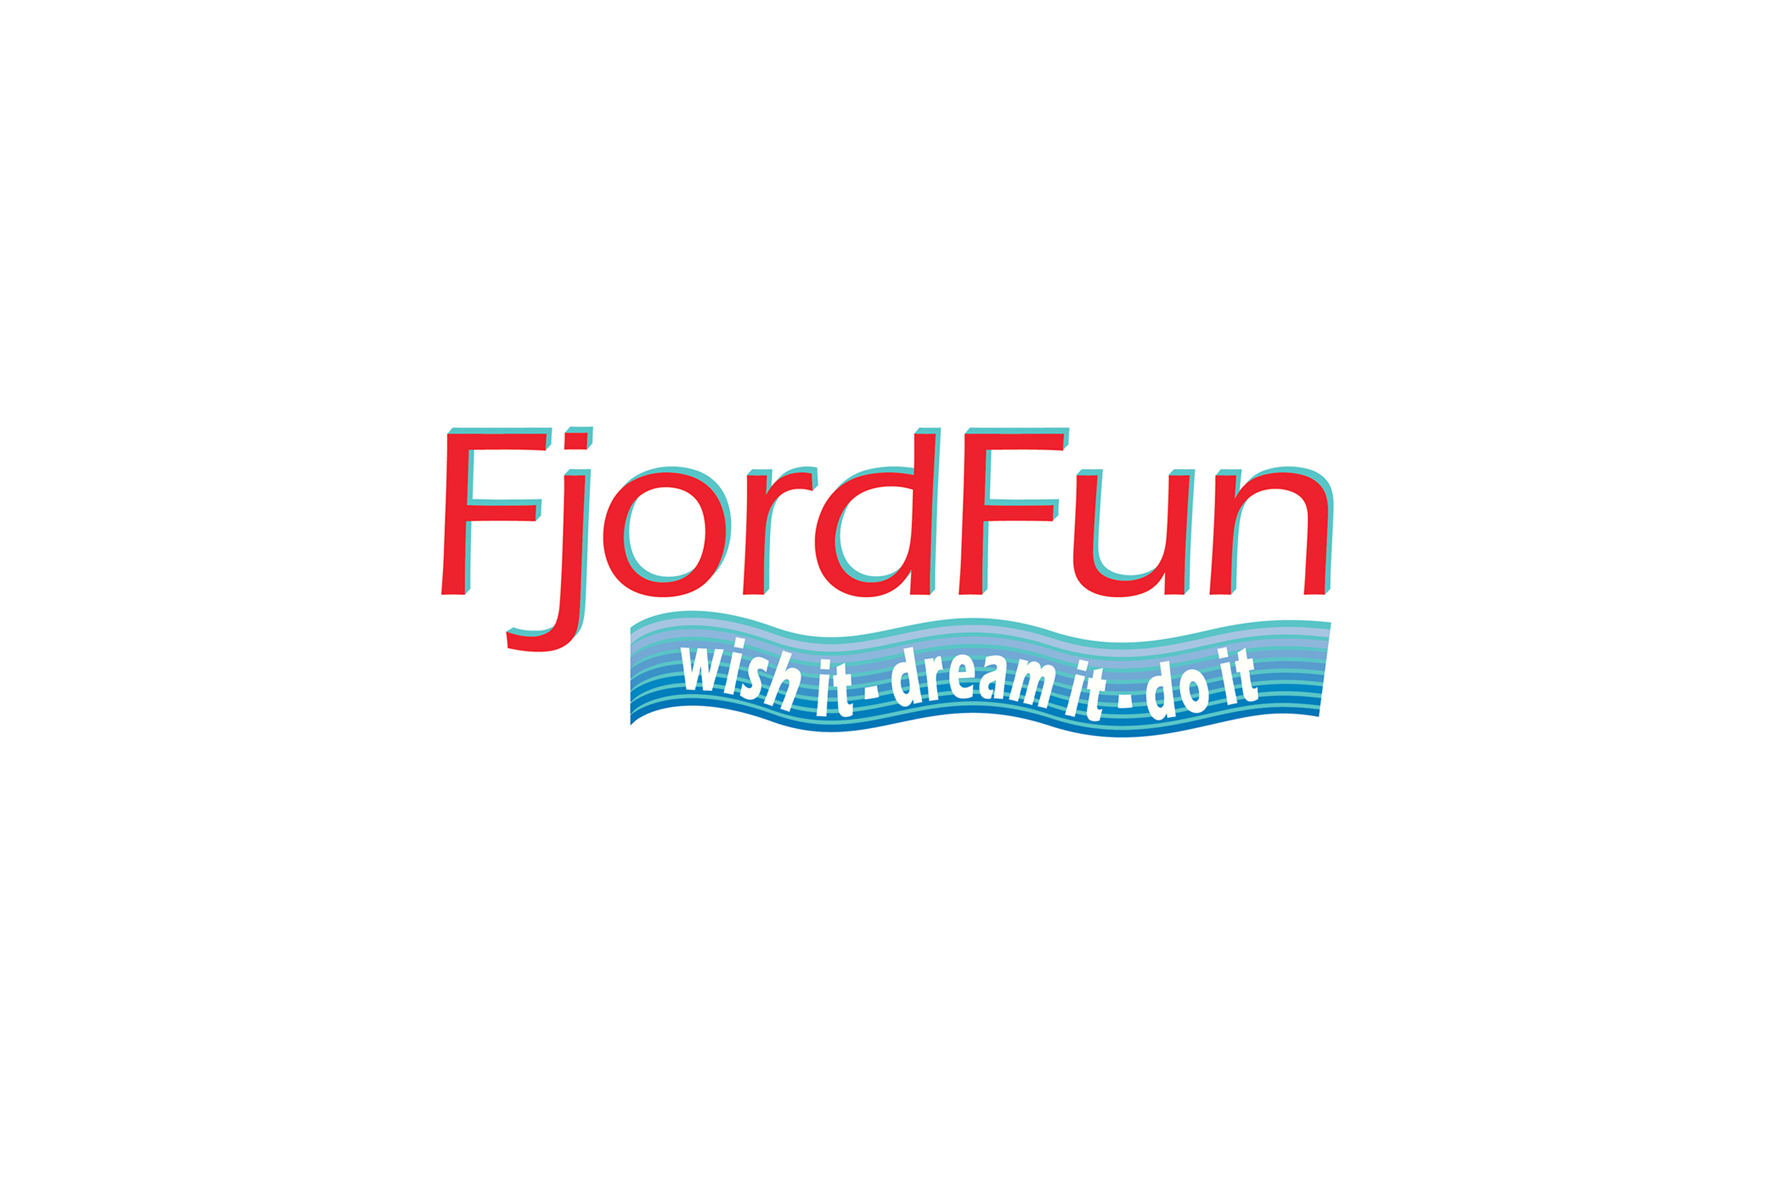 FjordFun